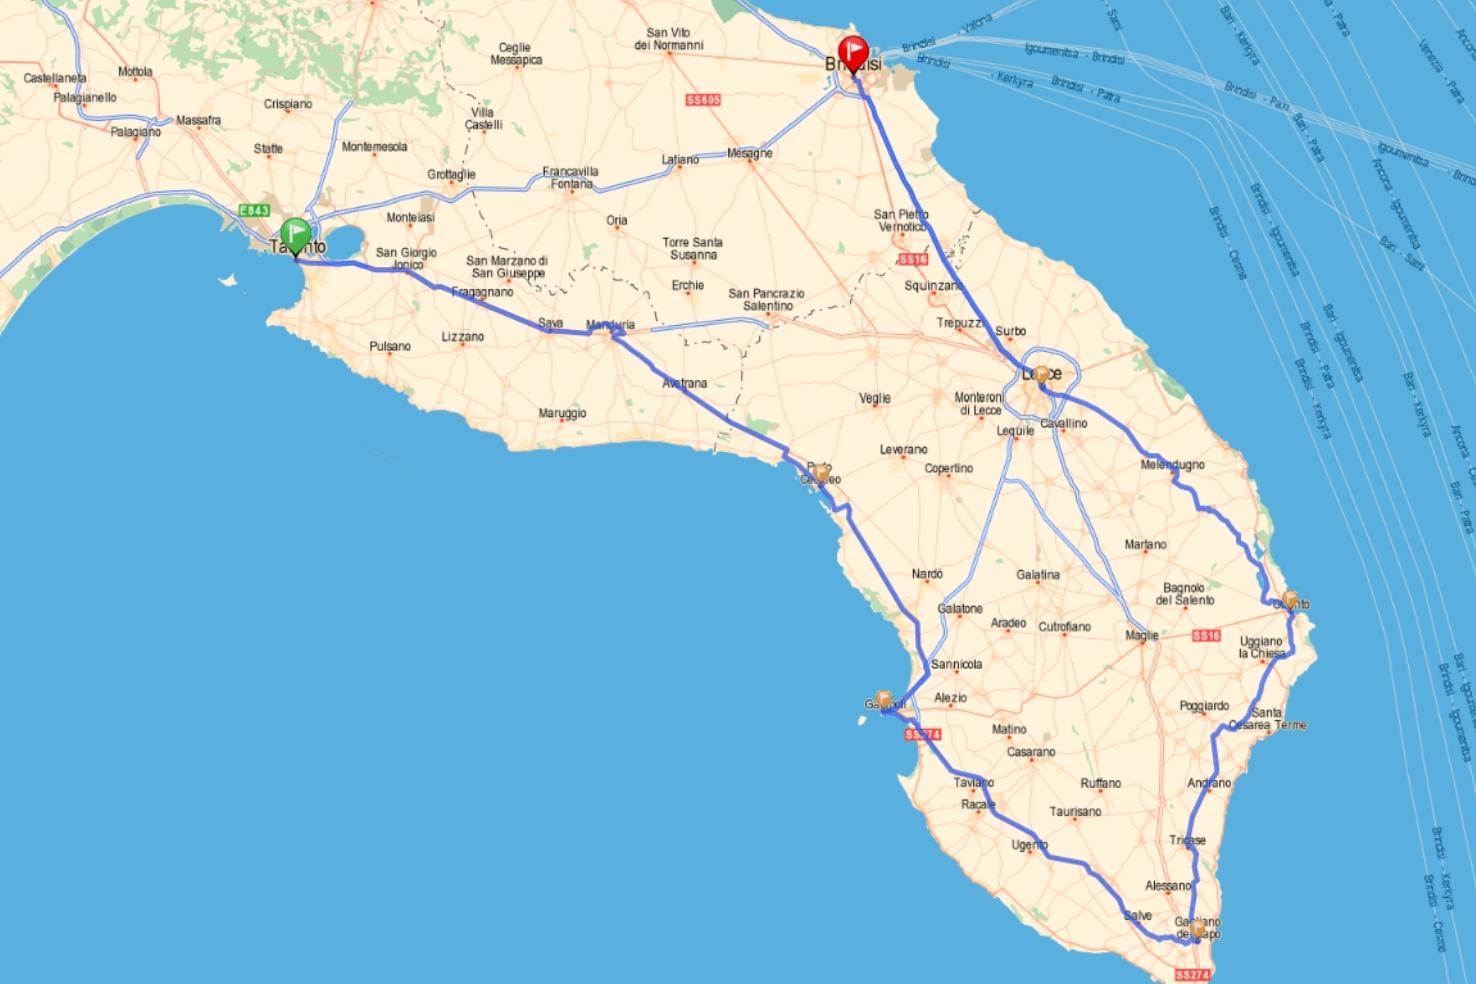 Itinéraire envisagé | Le tour de l'Italie en 80 jours